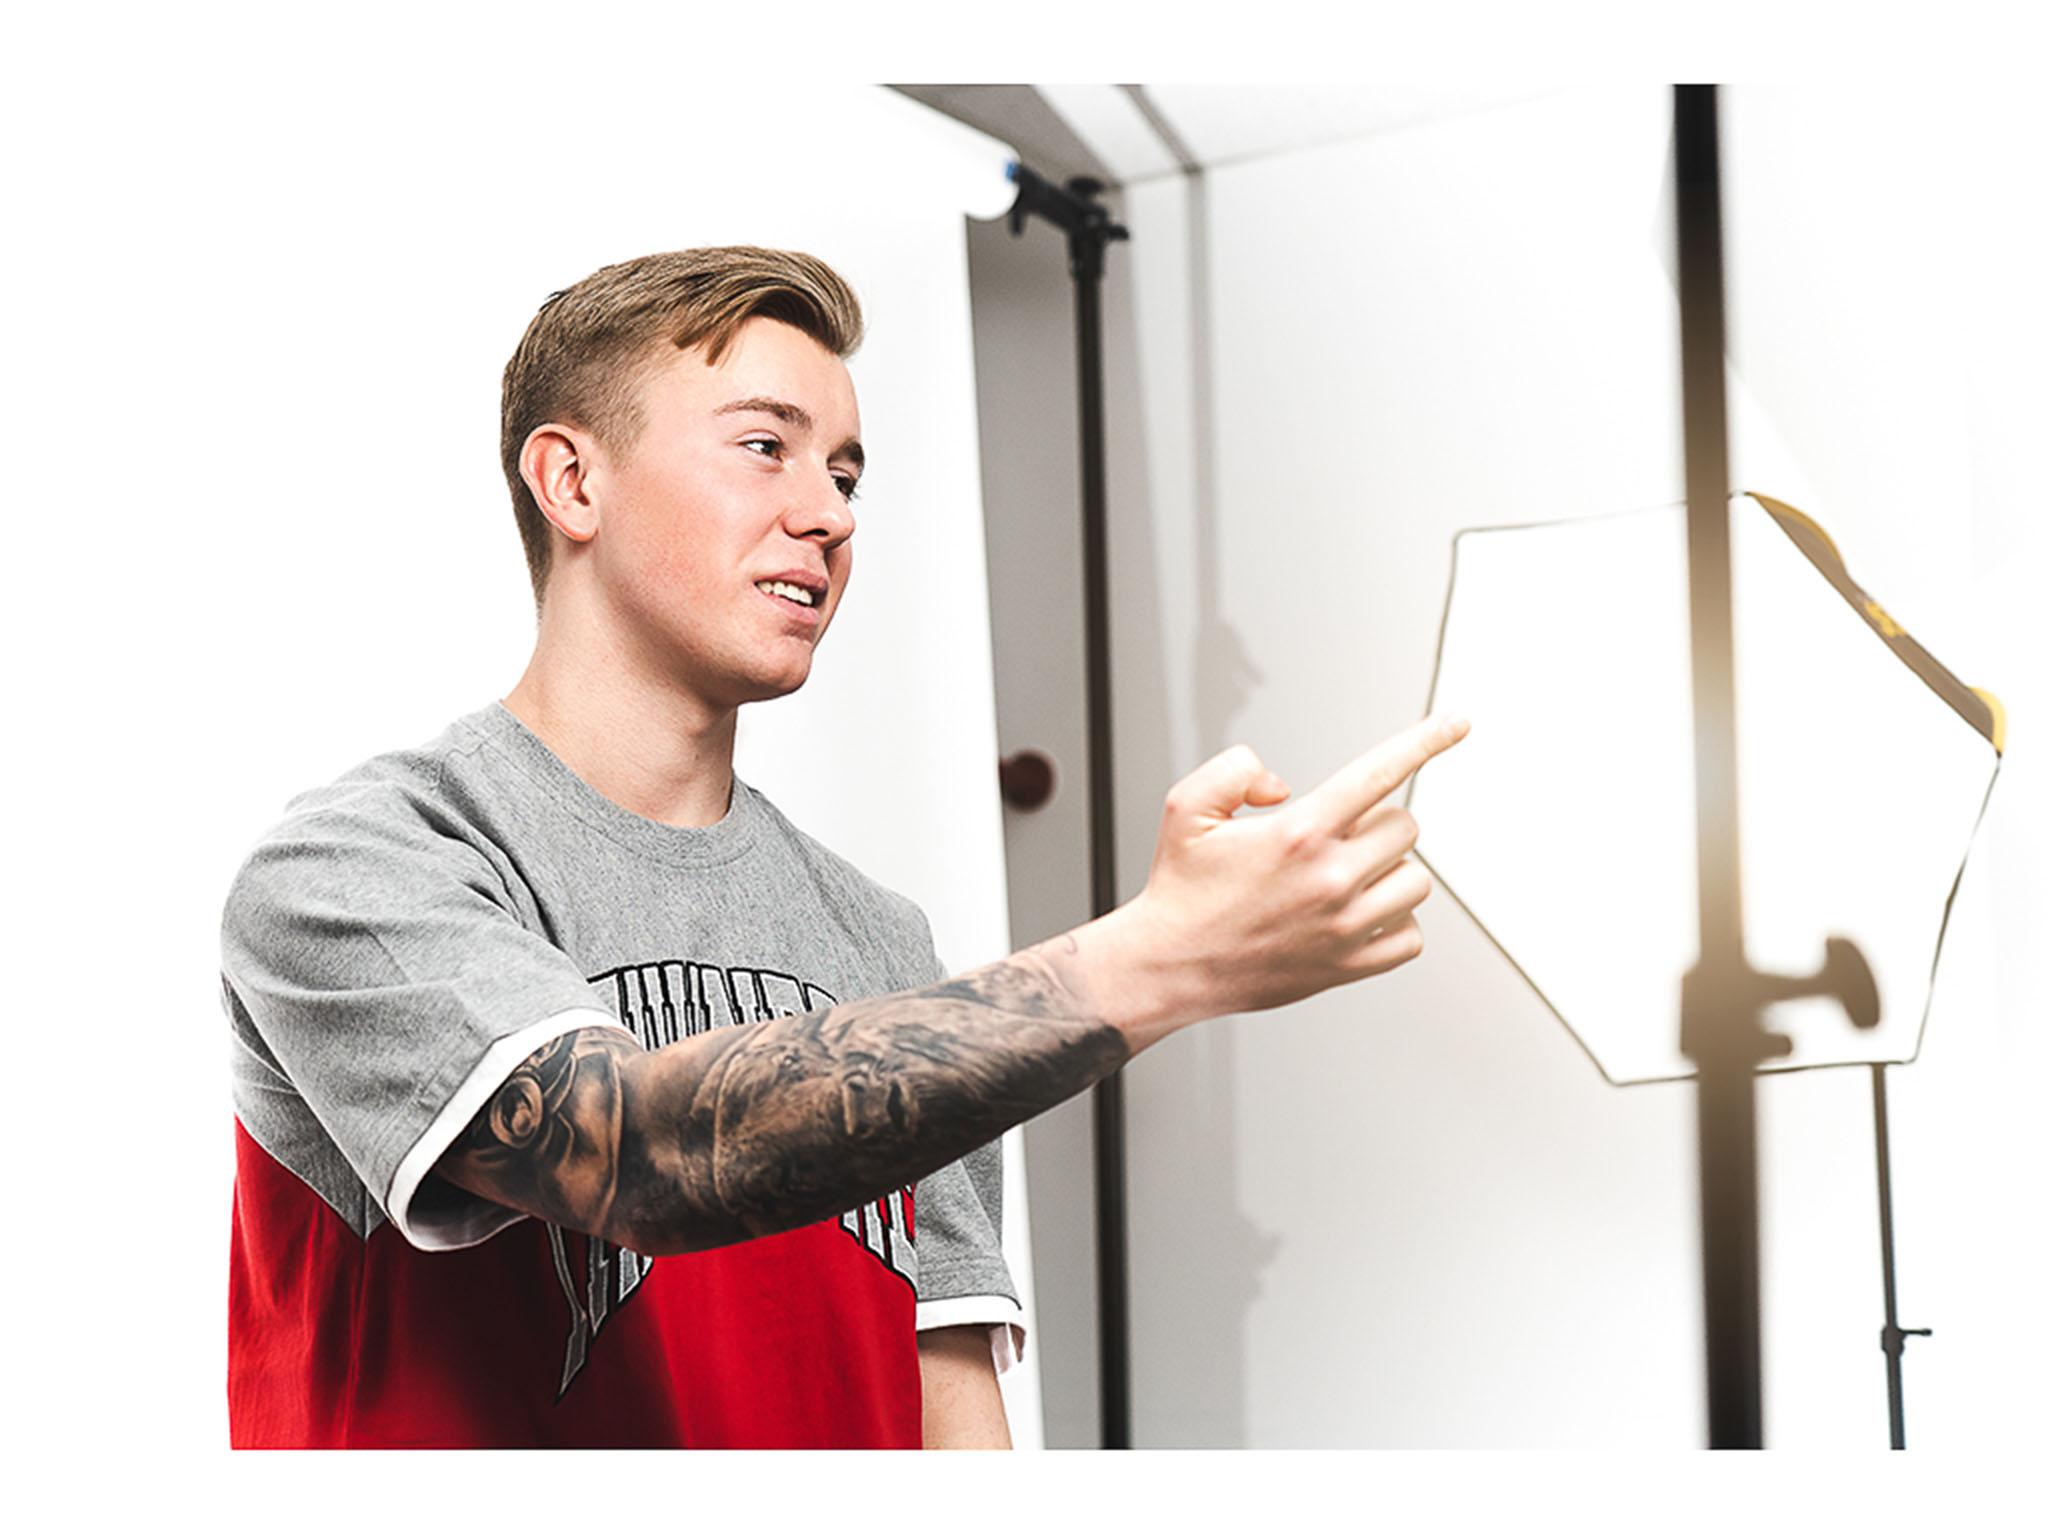 Mit gerade mal 18 Jahren möchte Maximilian die Musikwelt erobern - Youtube, Instagram & Co helfen ihm dabei. Foto: Maximilian Höller.